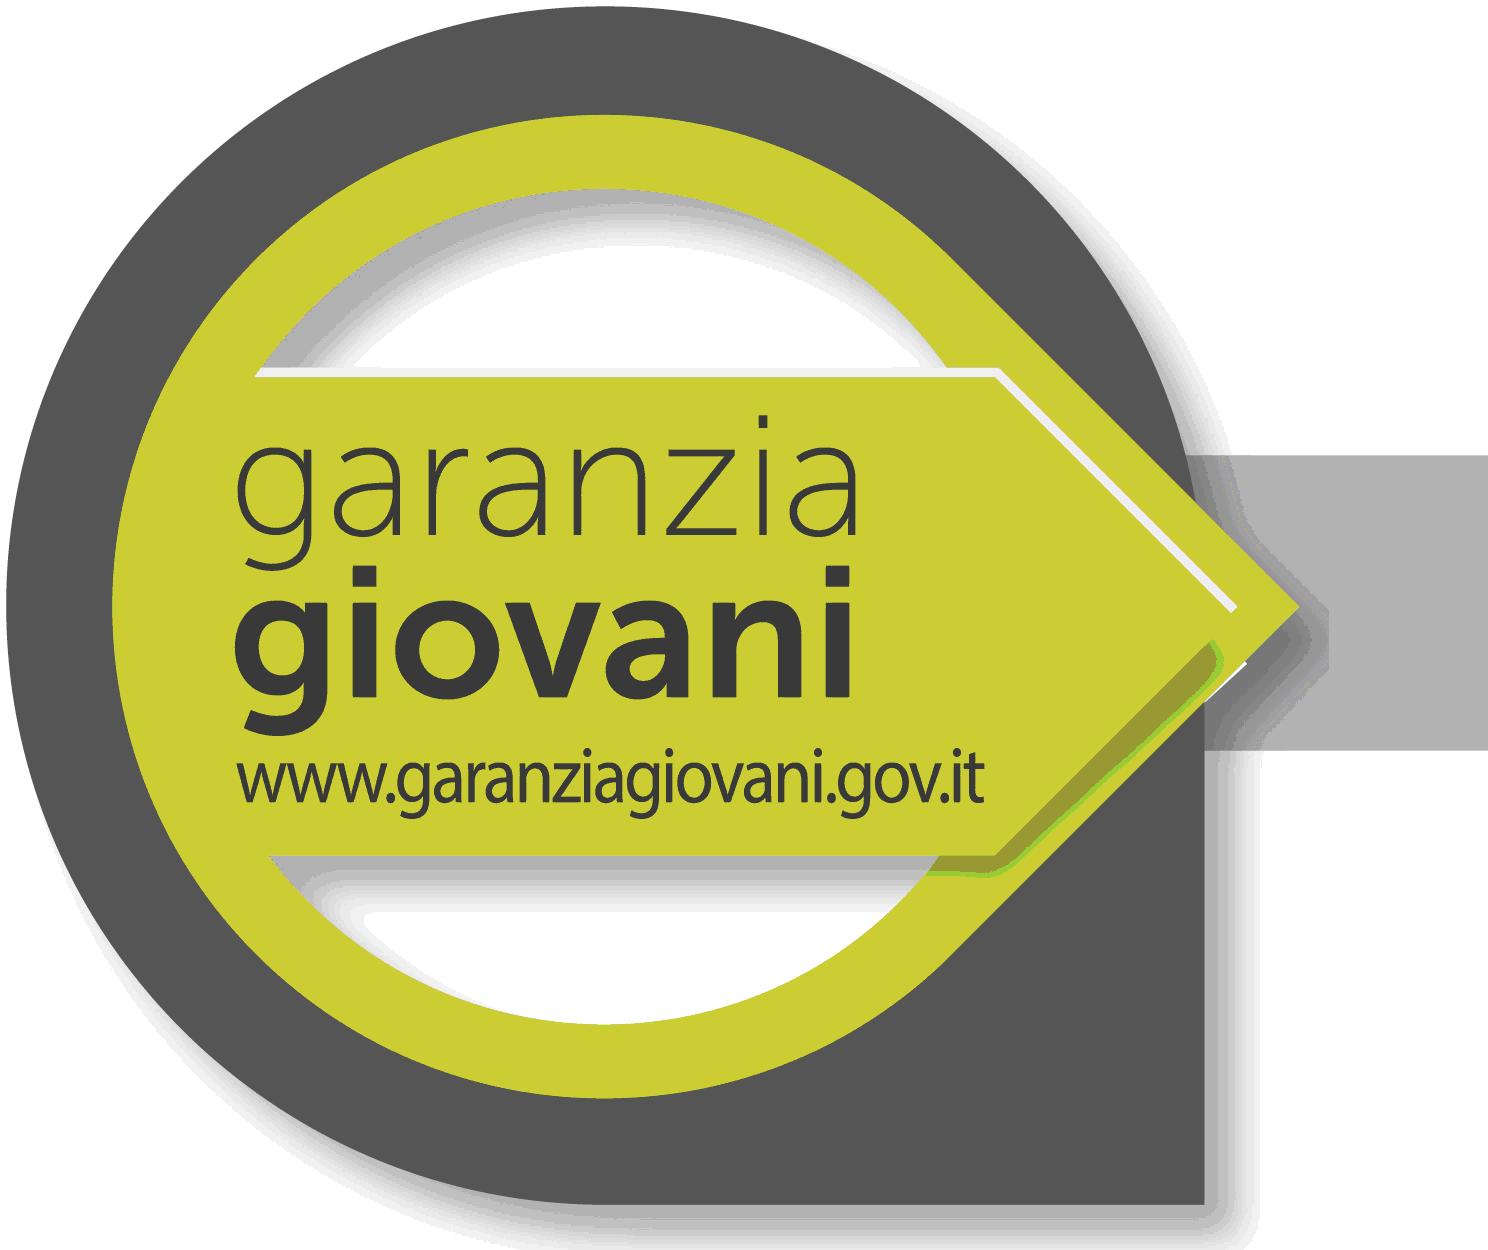 Abruzzo: Piano regionale di Garanzia Giovani